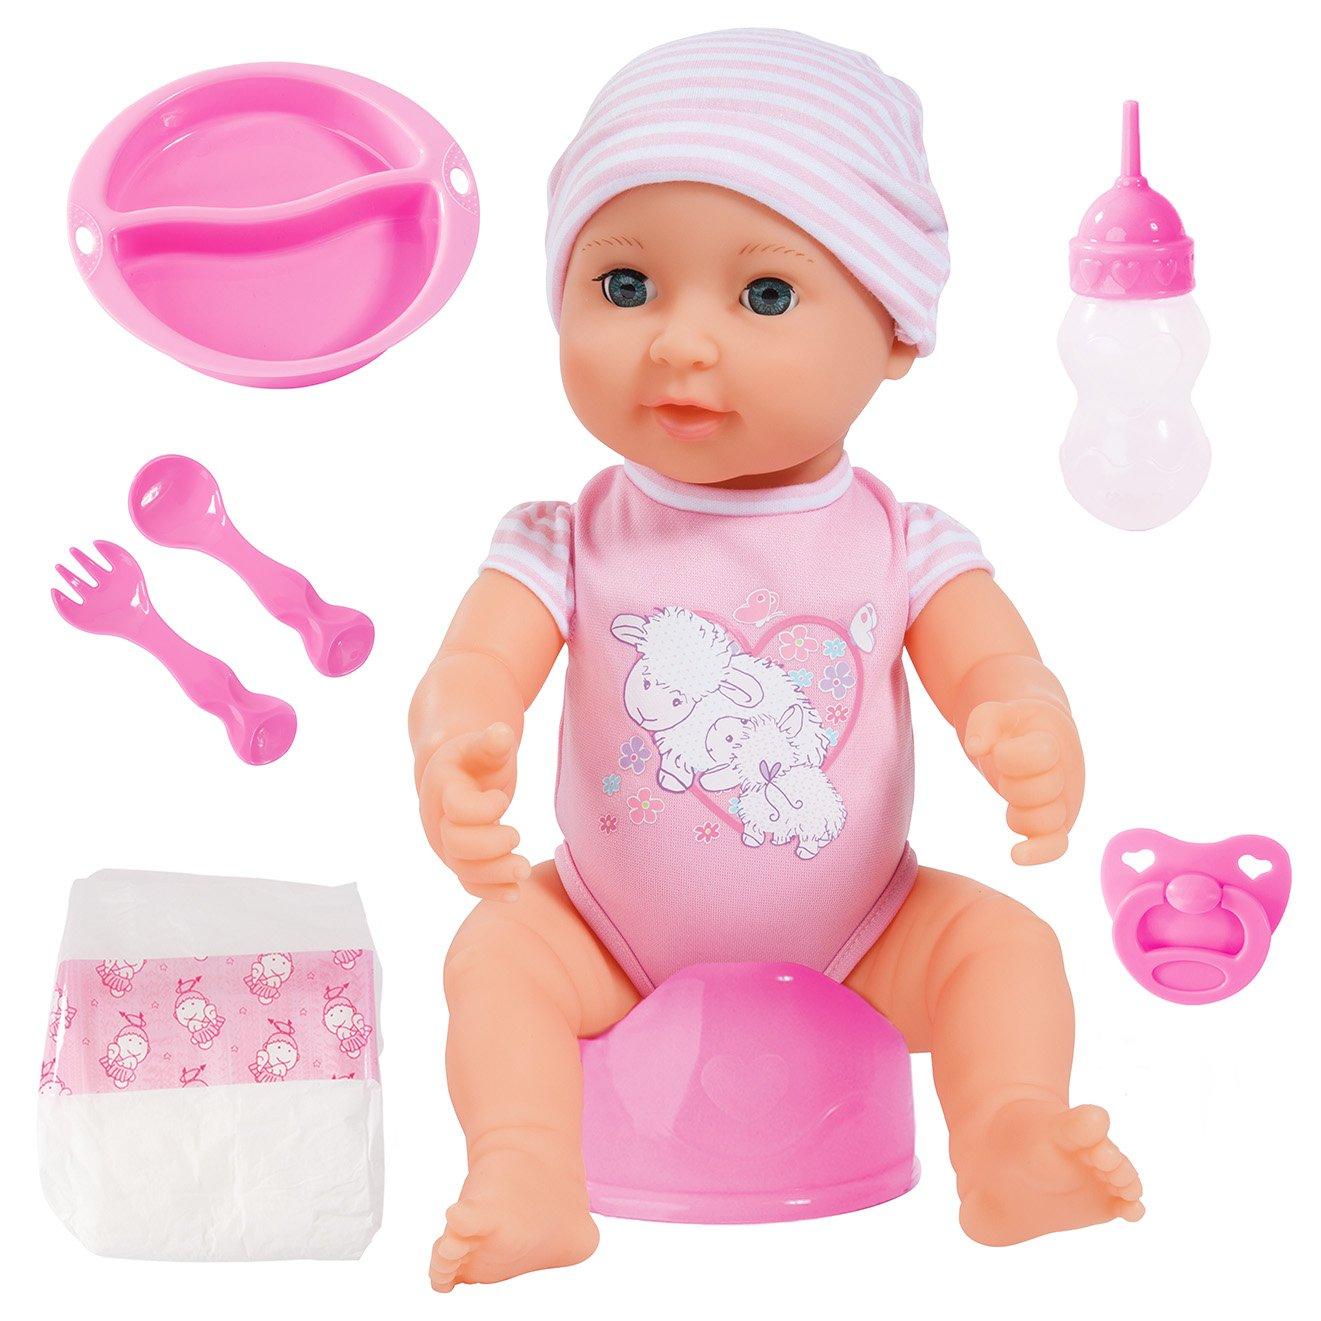 Bayer Design 94071AA - Piccolina New born Baby 40 cm Funktions Puppe mit Schlafaugen inklusiv Zubehör B2894071